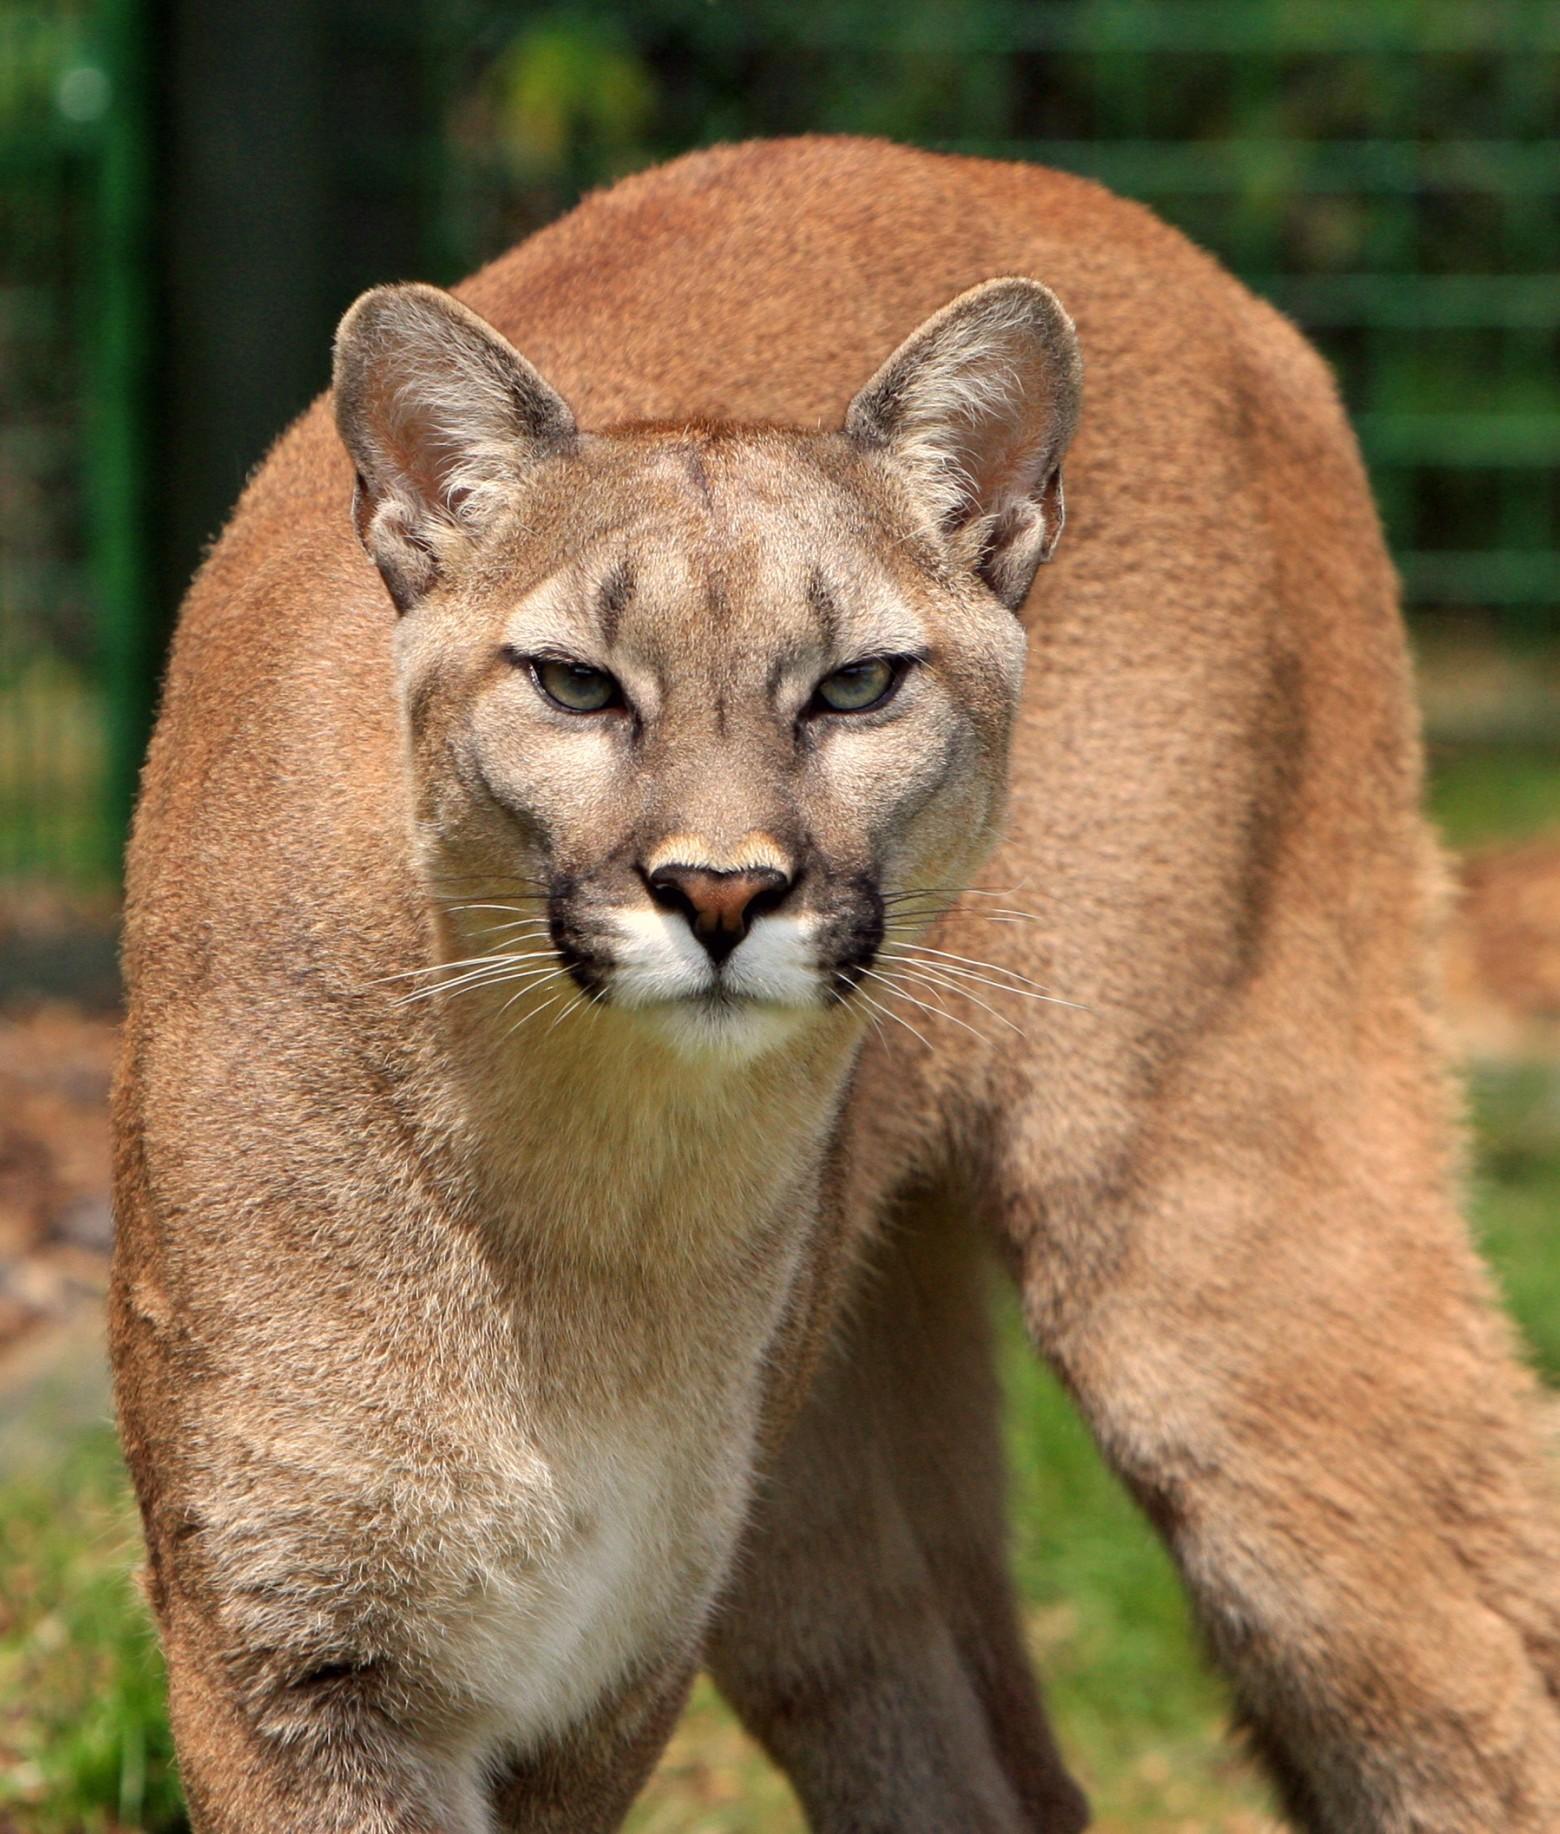 Le couguar puma lion des montagnes images photos gratuites - Photos de lions gratuites ...